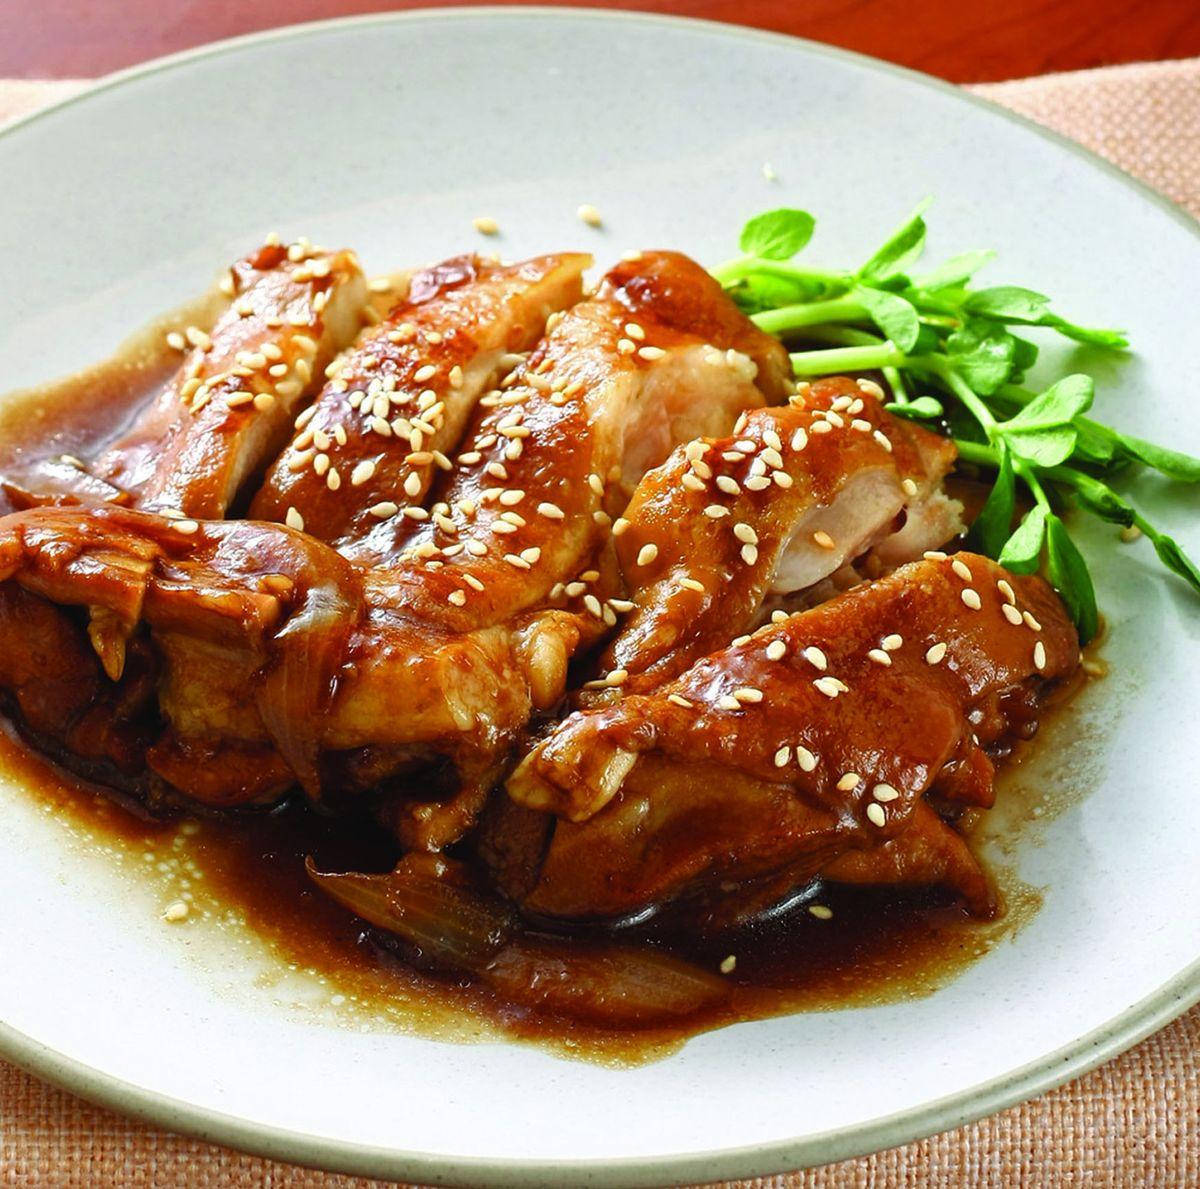 食譜:照燒雞腿排